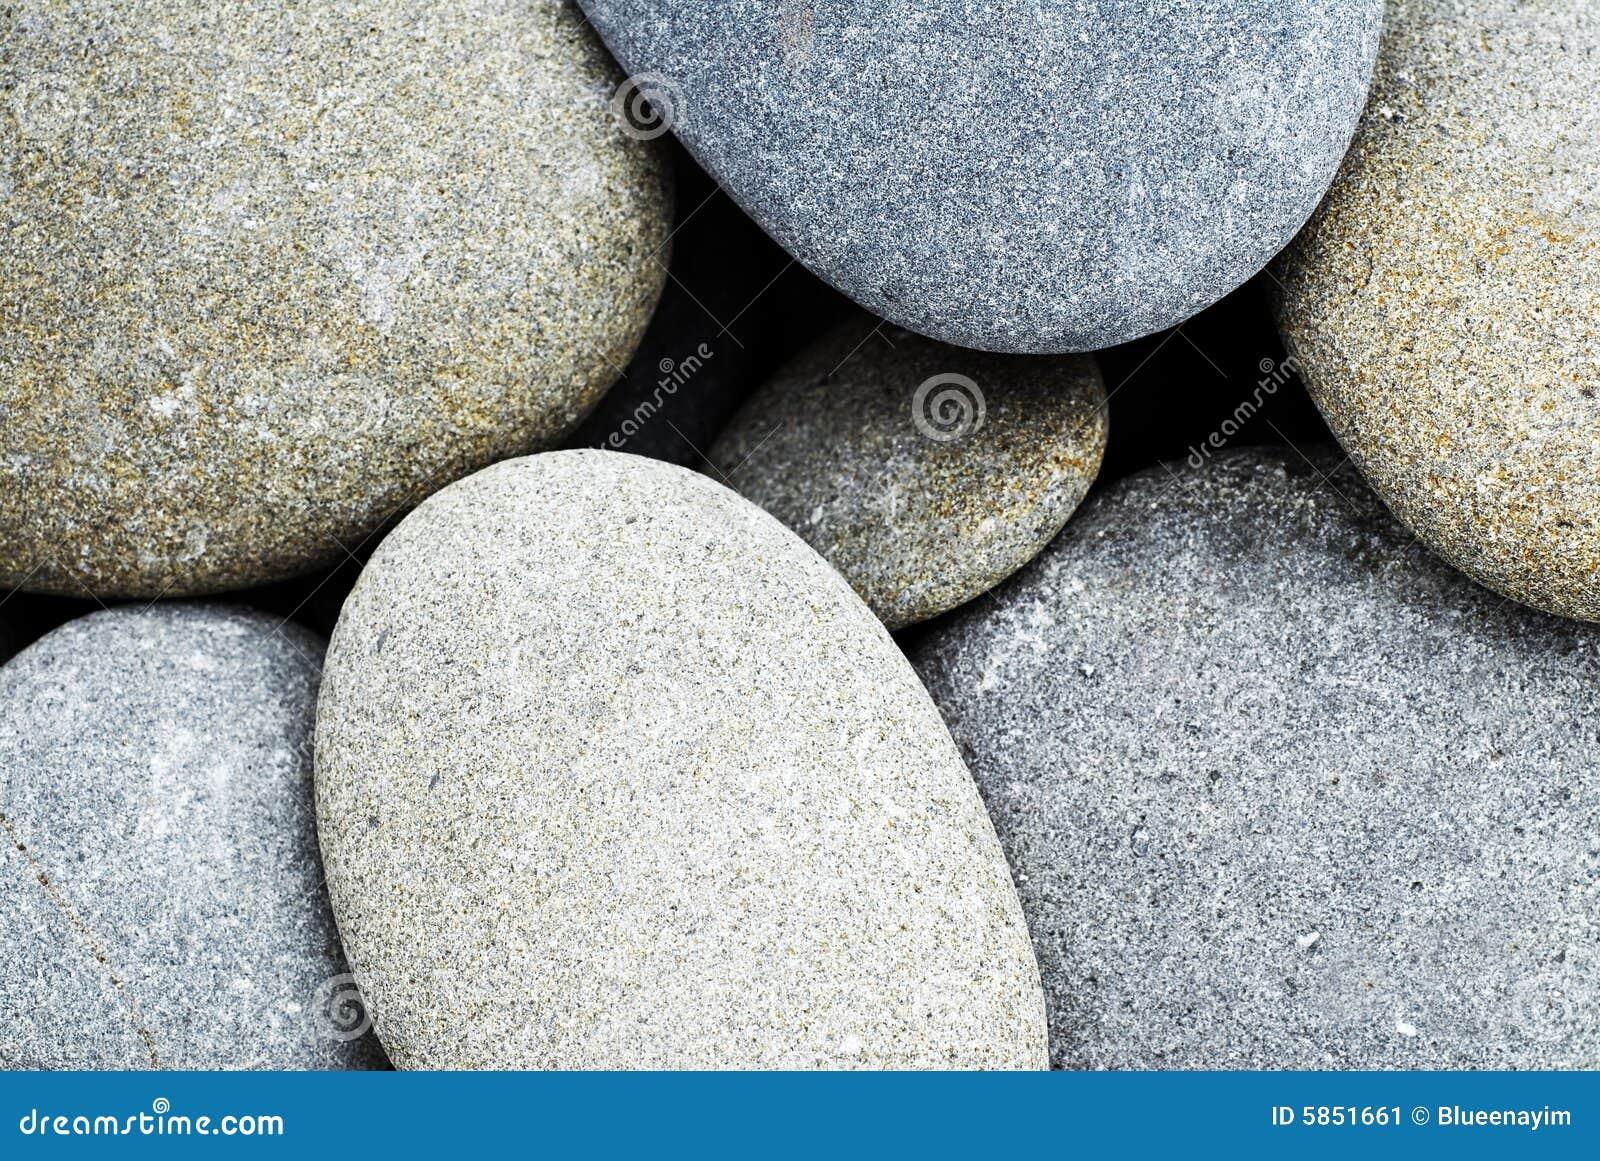 Streszczenie zaokrąglenie kamieni